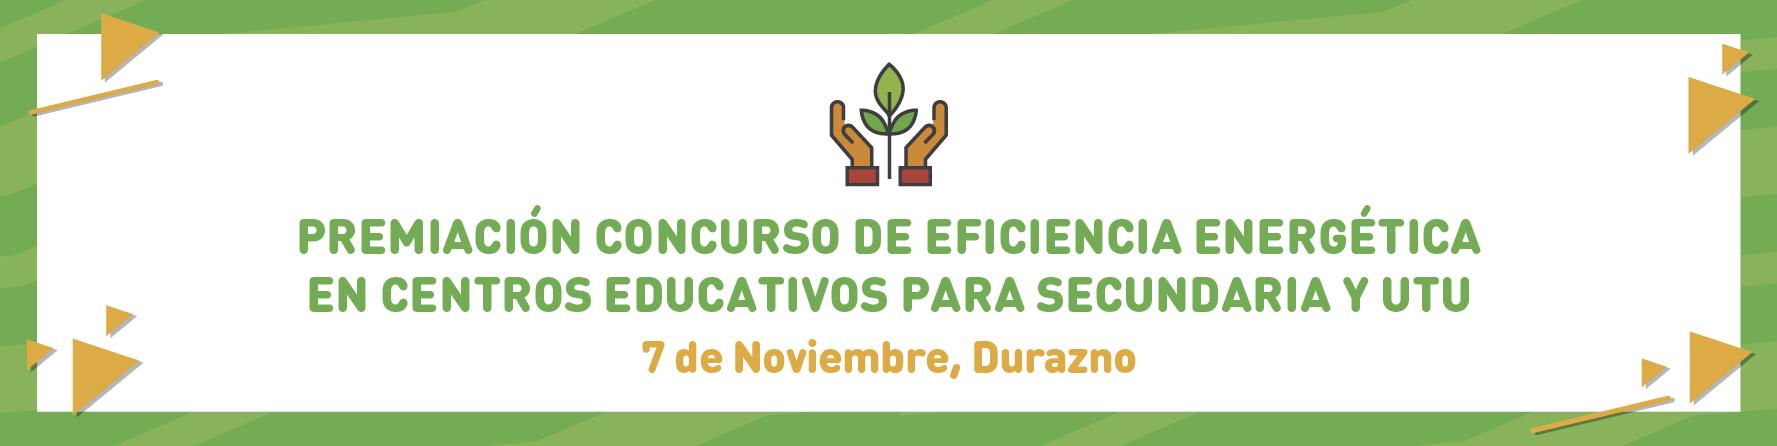 Entrega de premios Concurso de Eficiencia Energética en UTU y Secundaria 2019